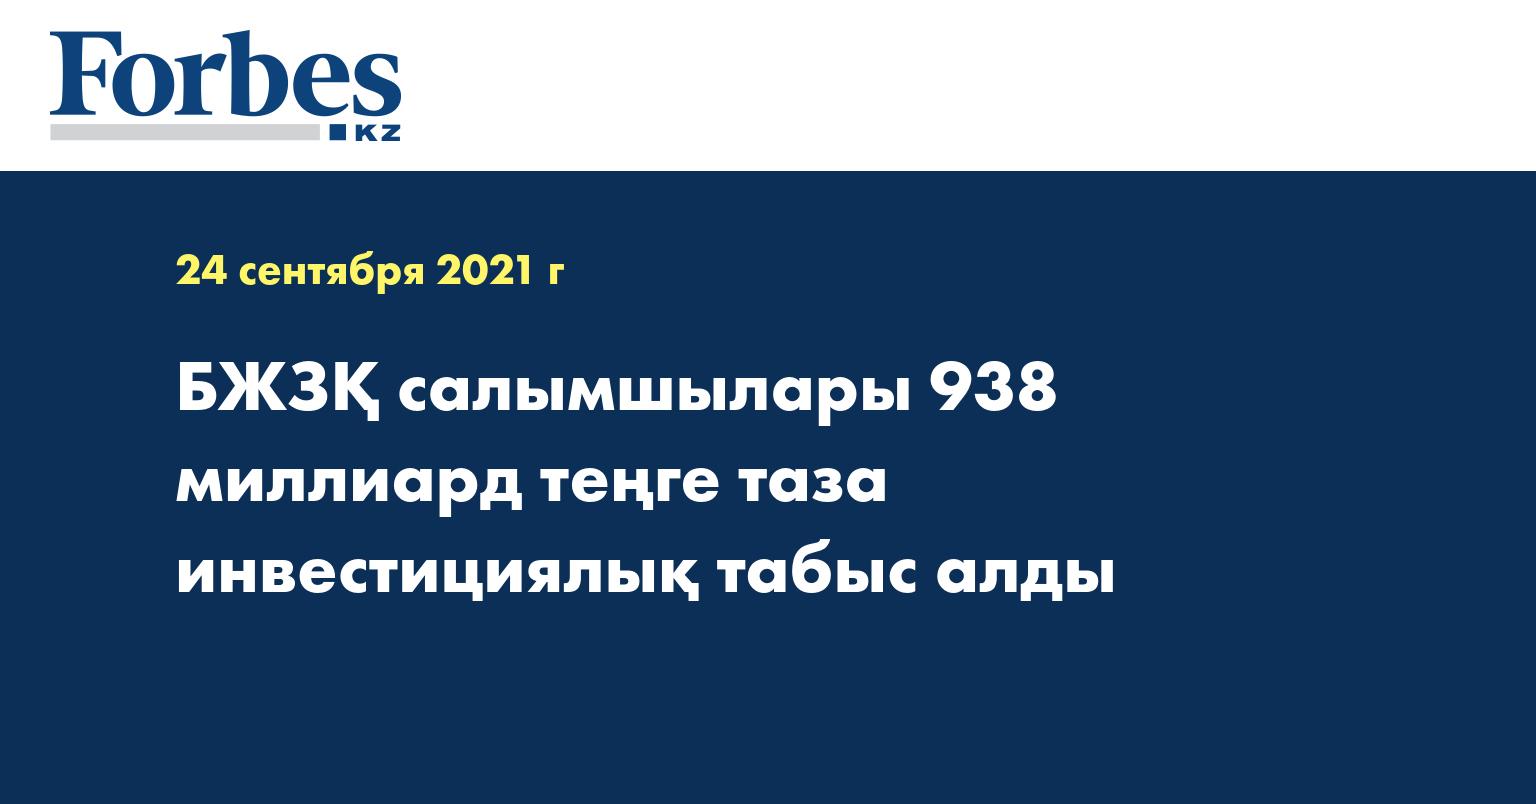 БЖЗҚ салымшылары 938 миллиард теңге таза инвестициялық табыс алды